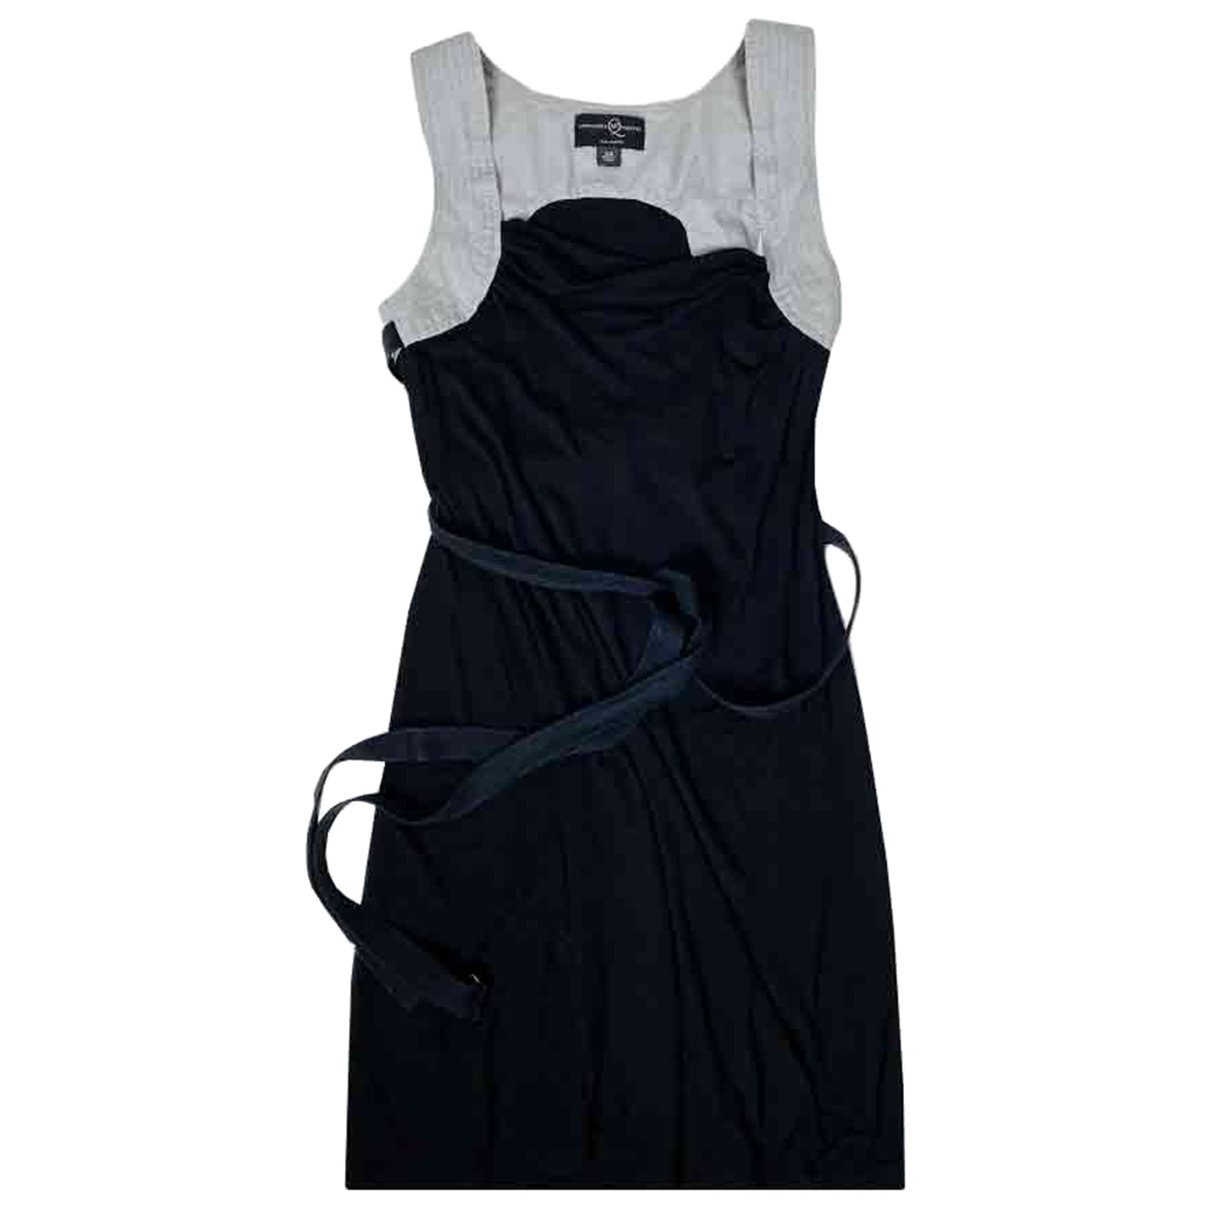 Alexander Mcqueen \N Black Cotton dress for Women 34 FR